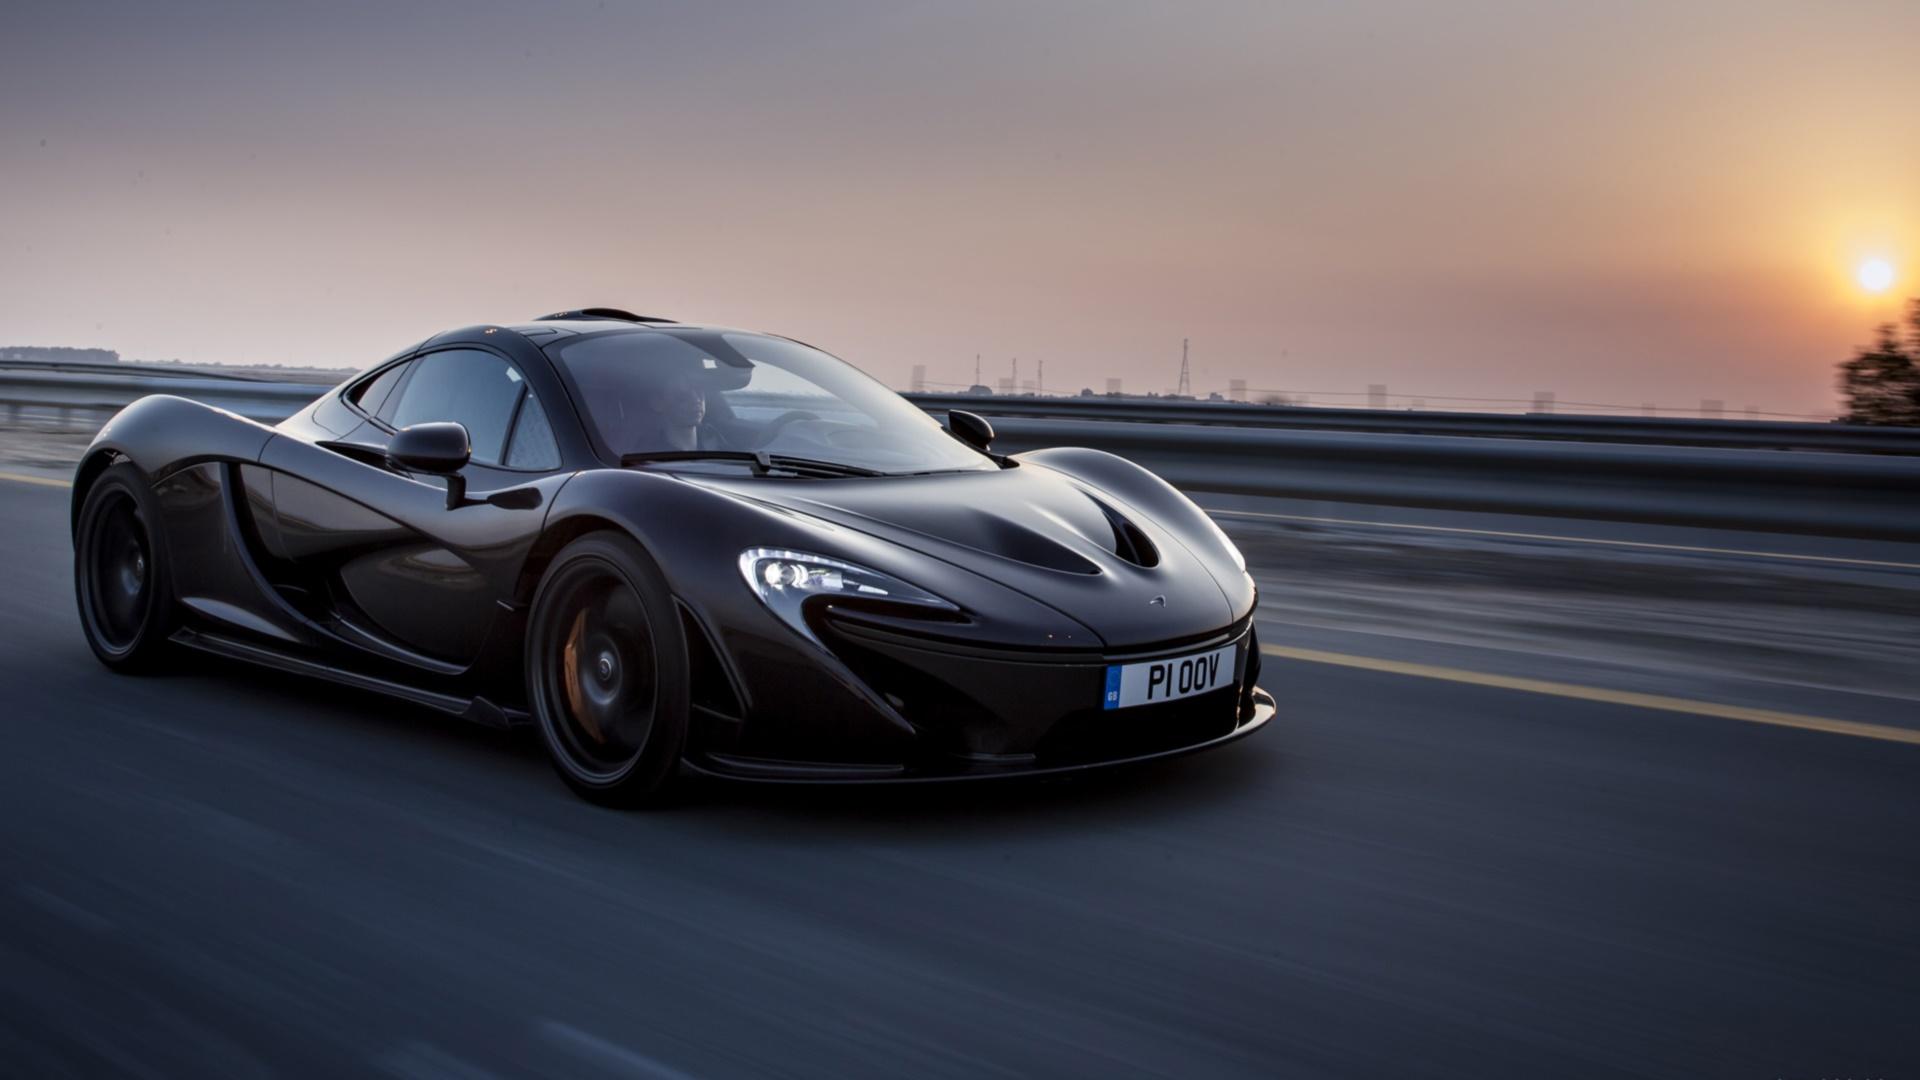 McLaren P1 HD Wallpaper | Background Image | 1920x1080 ...